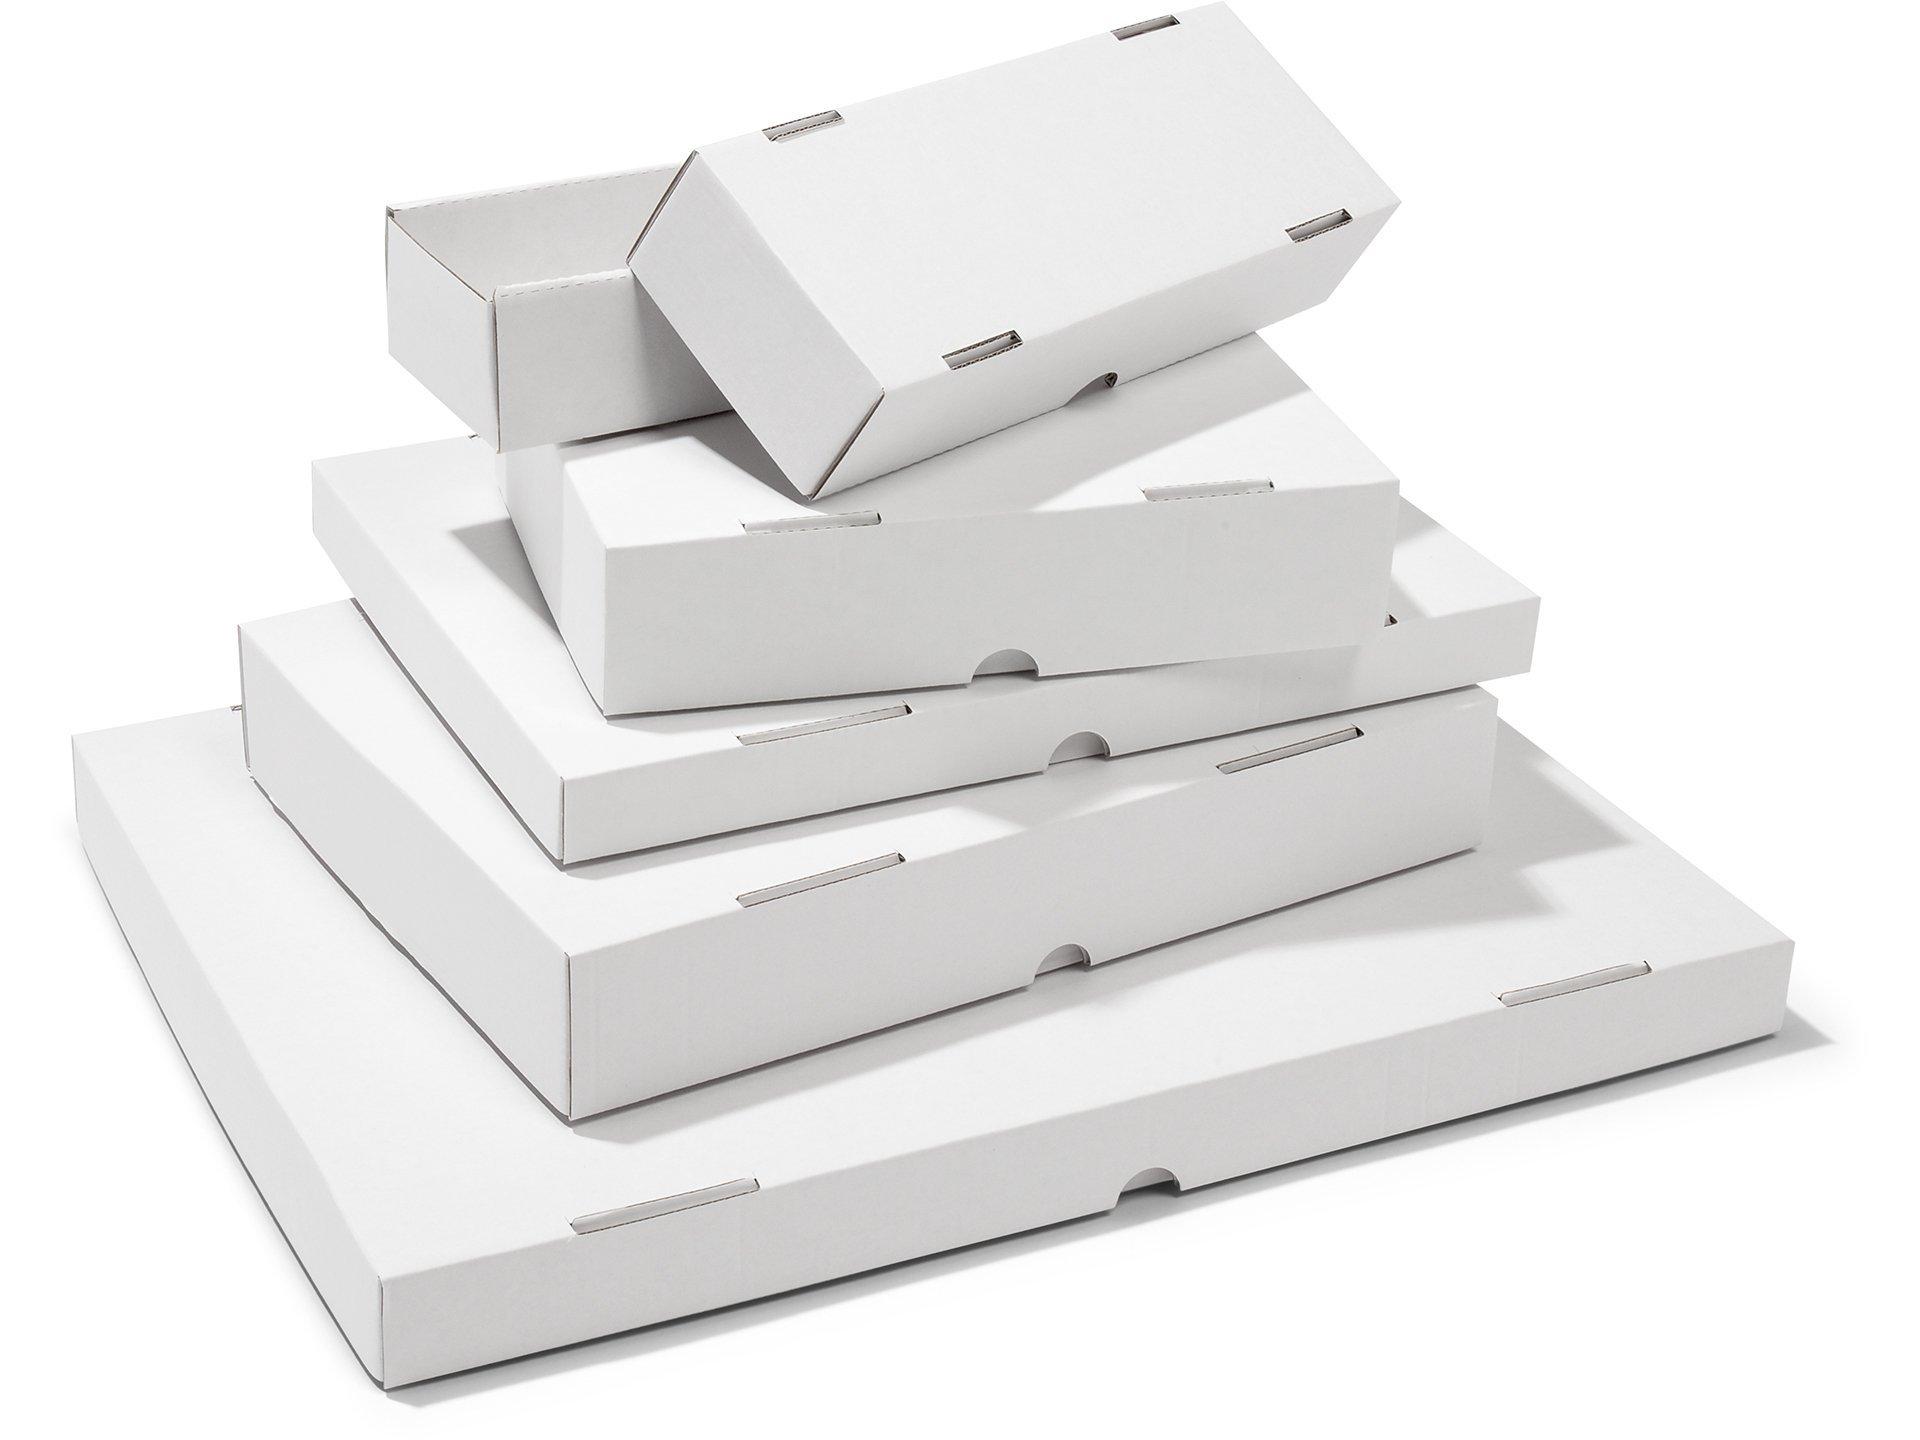 st lpdeckelkarton aus wellpappe wei kaufen modulor. Black Bedroom Furniture Sets. Home Design Ideas